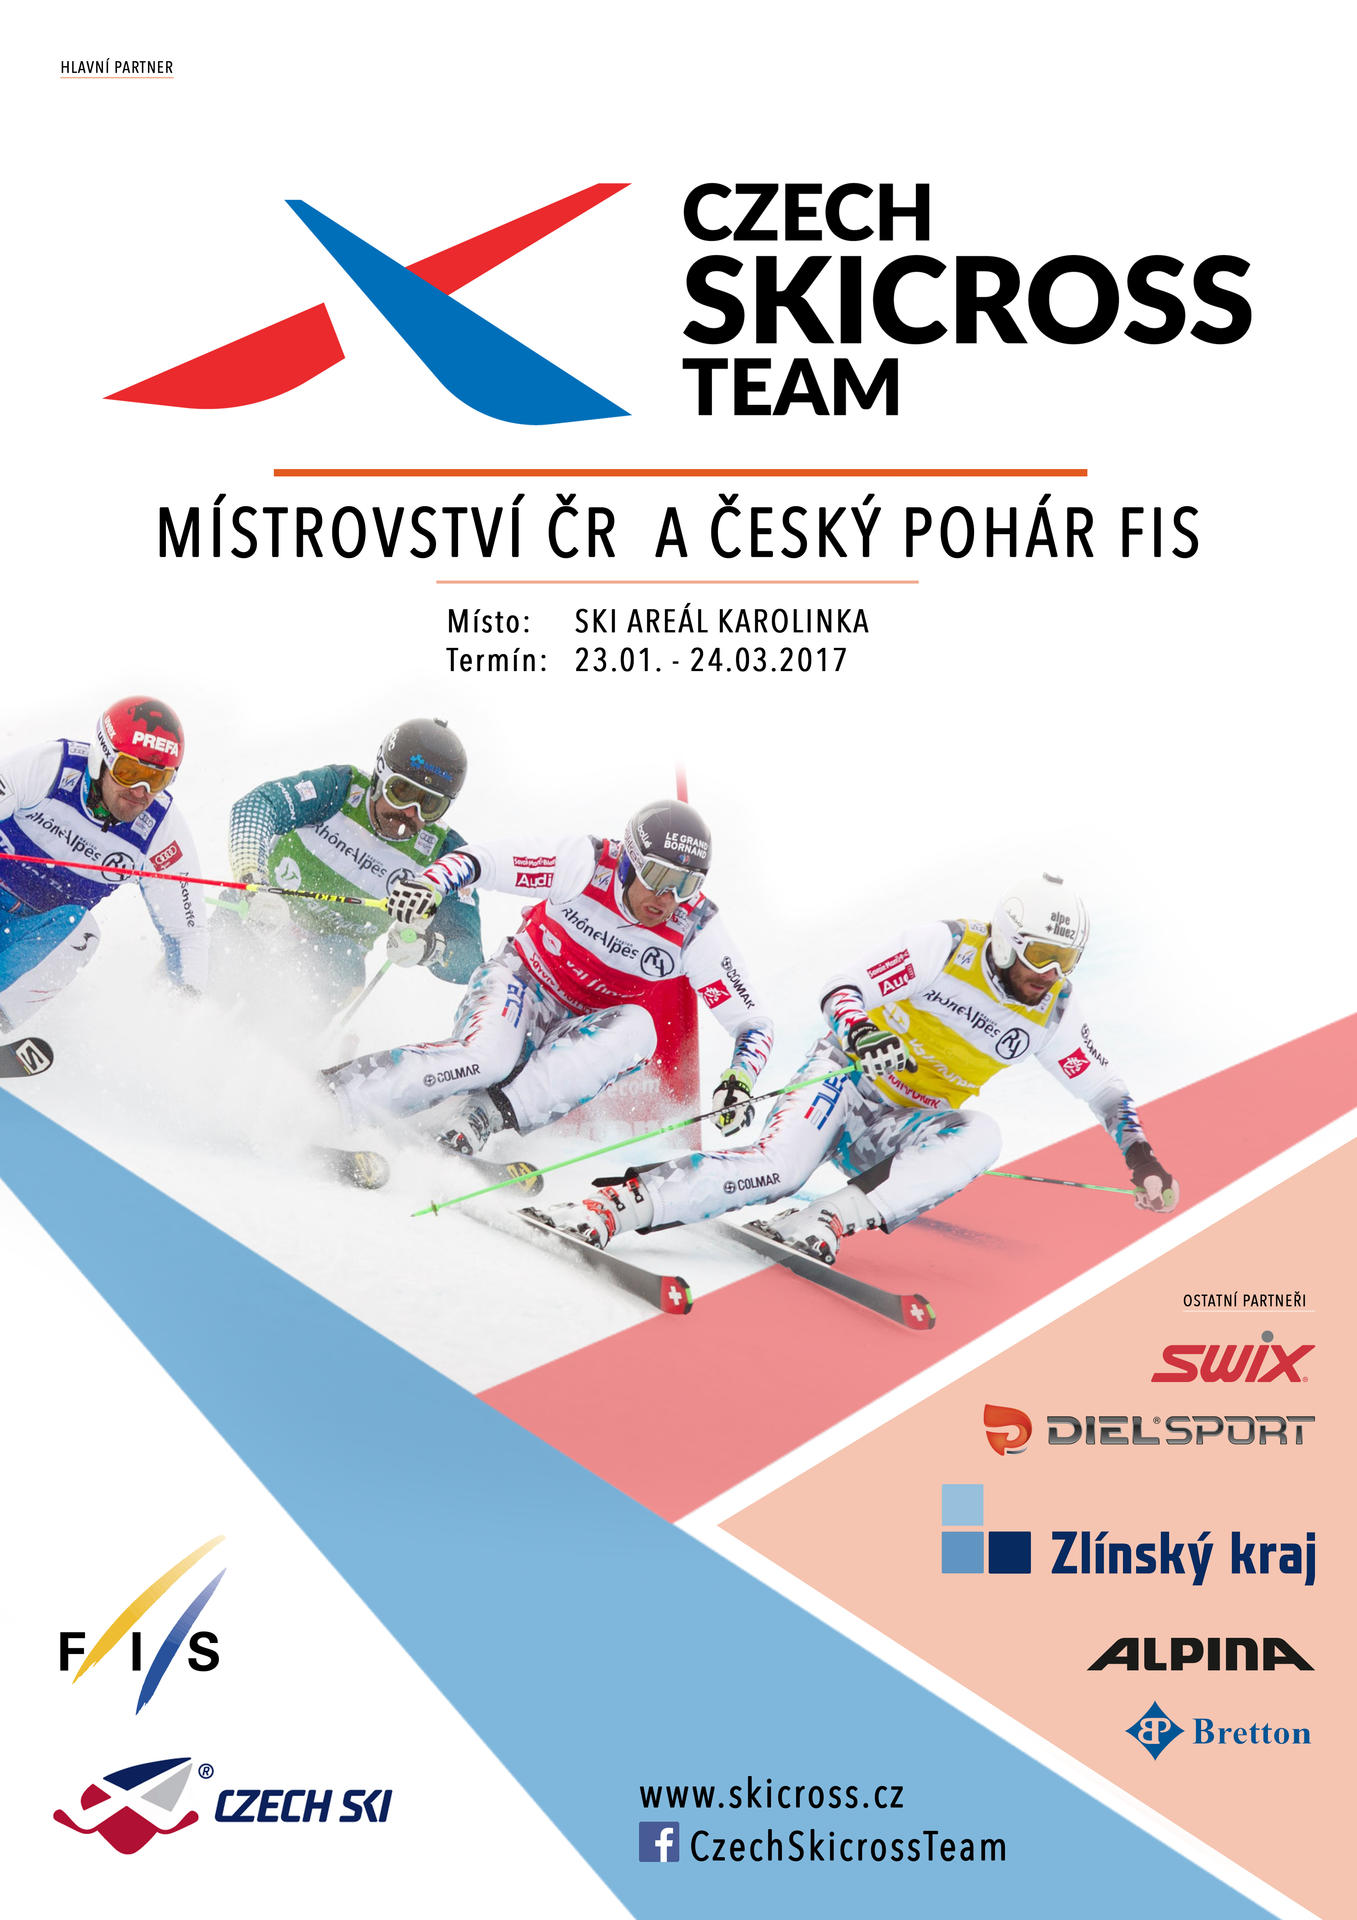 postre_cesky_pohar_skicross_KAROLINKA_2017